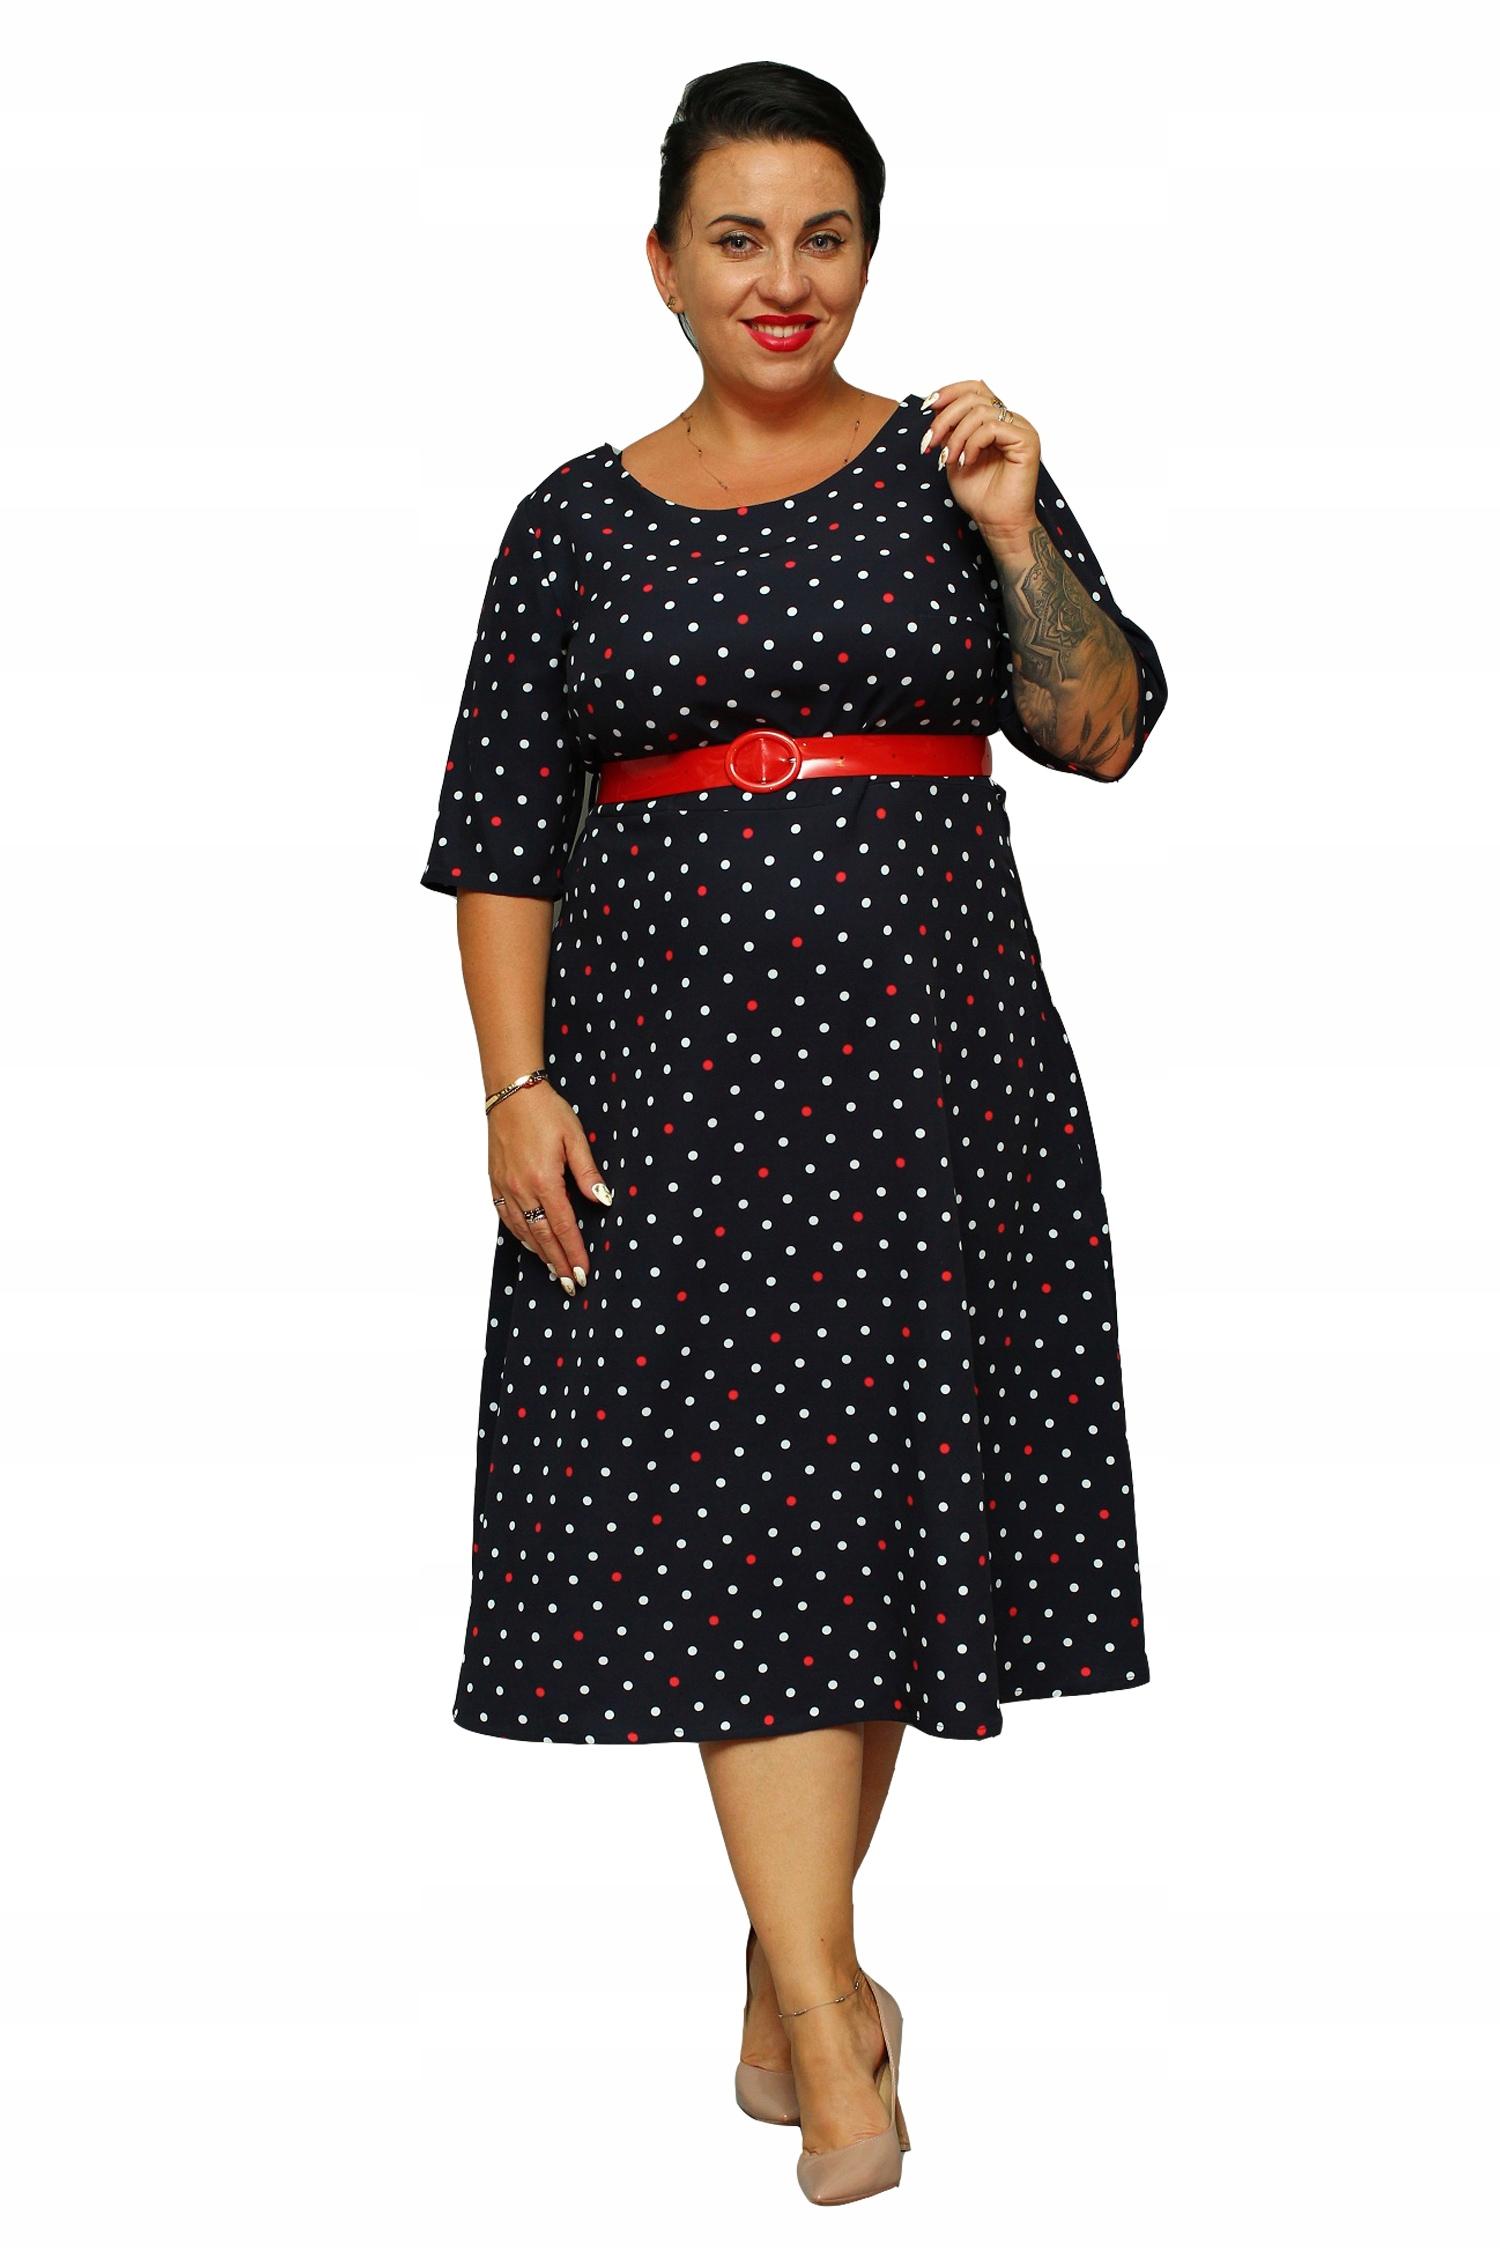 694a6fb6 WYPRZEDAŻ Sukienka ADEL grant w groszki 46